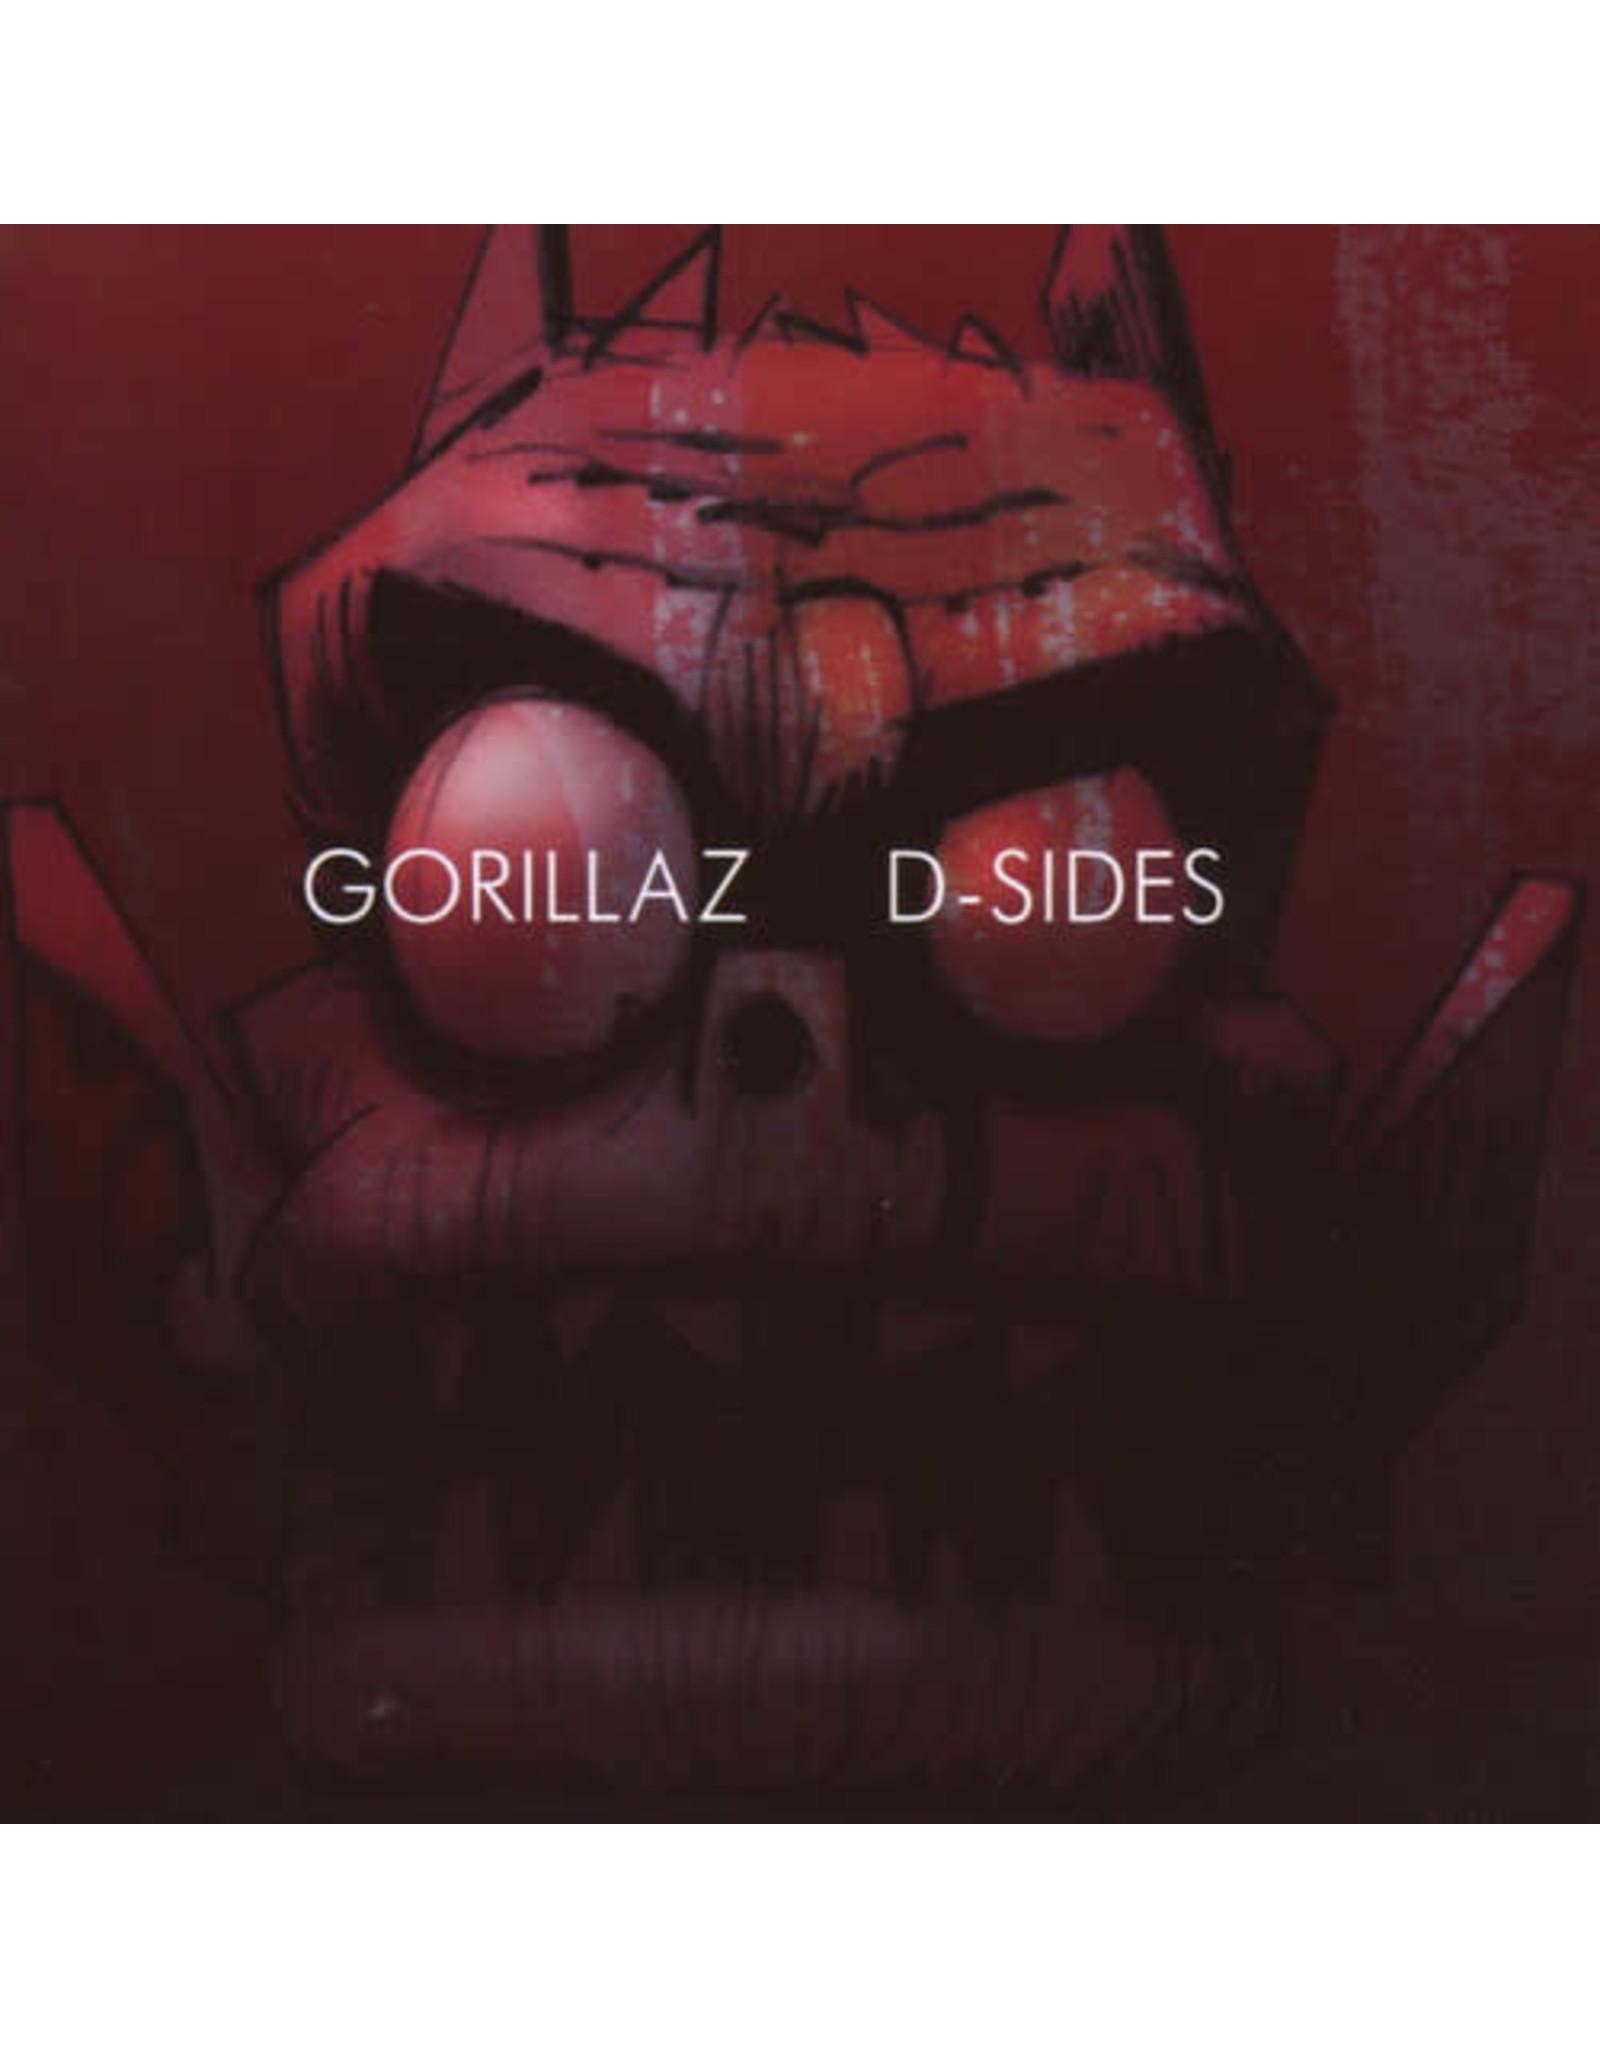 New Vinyl Gorillaz - D-Sides 3LP